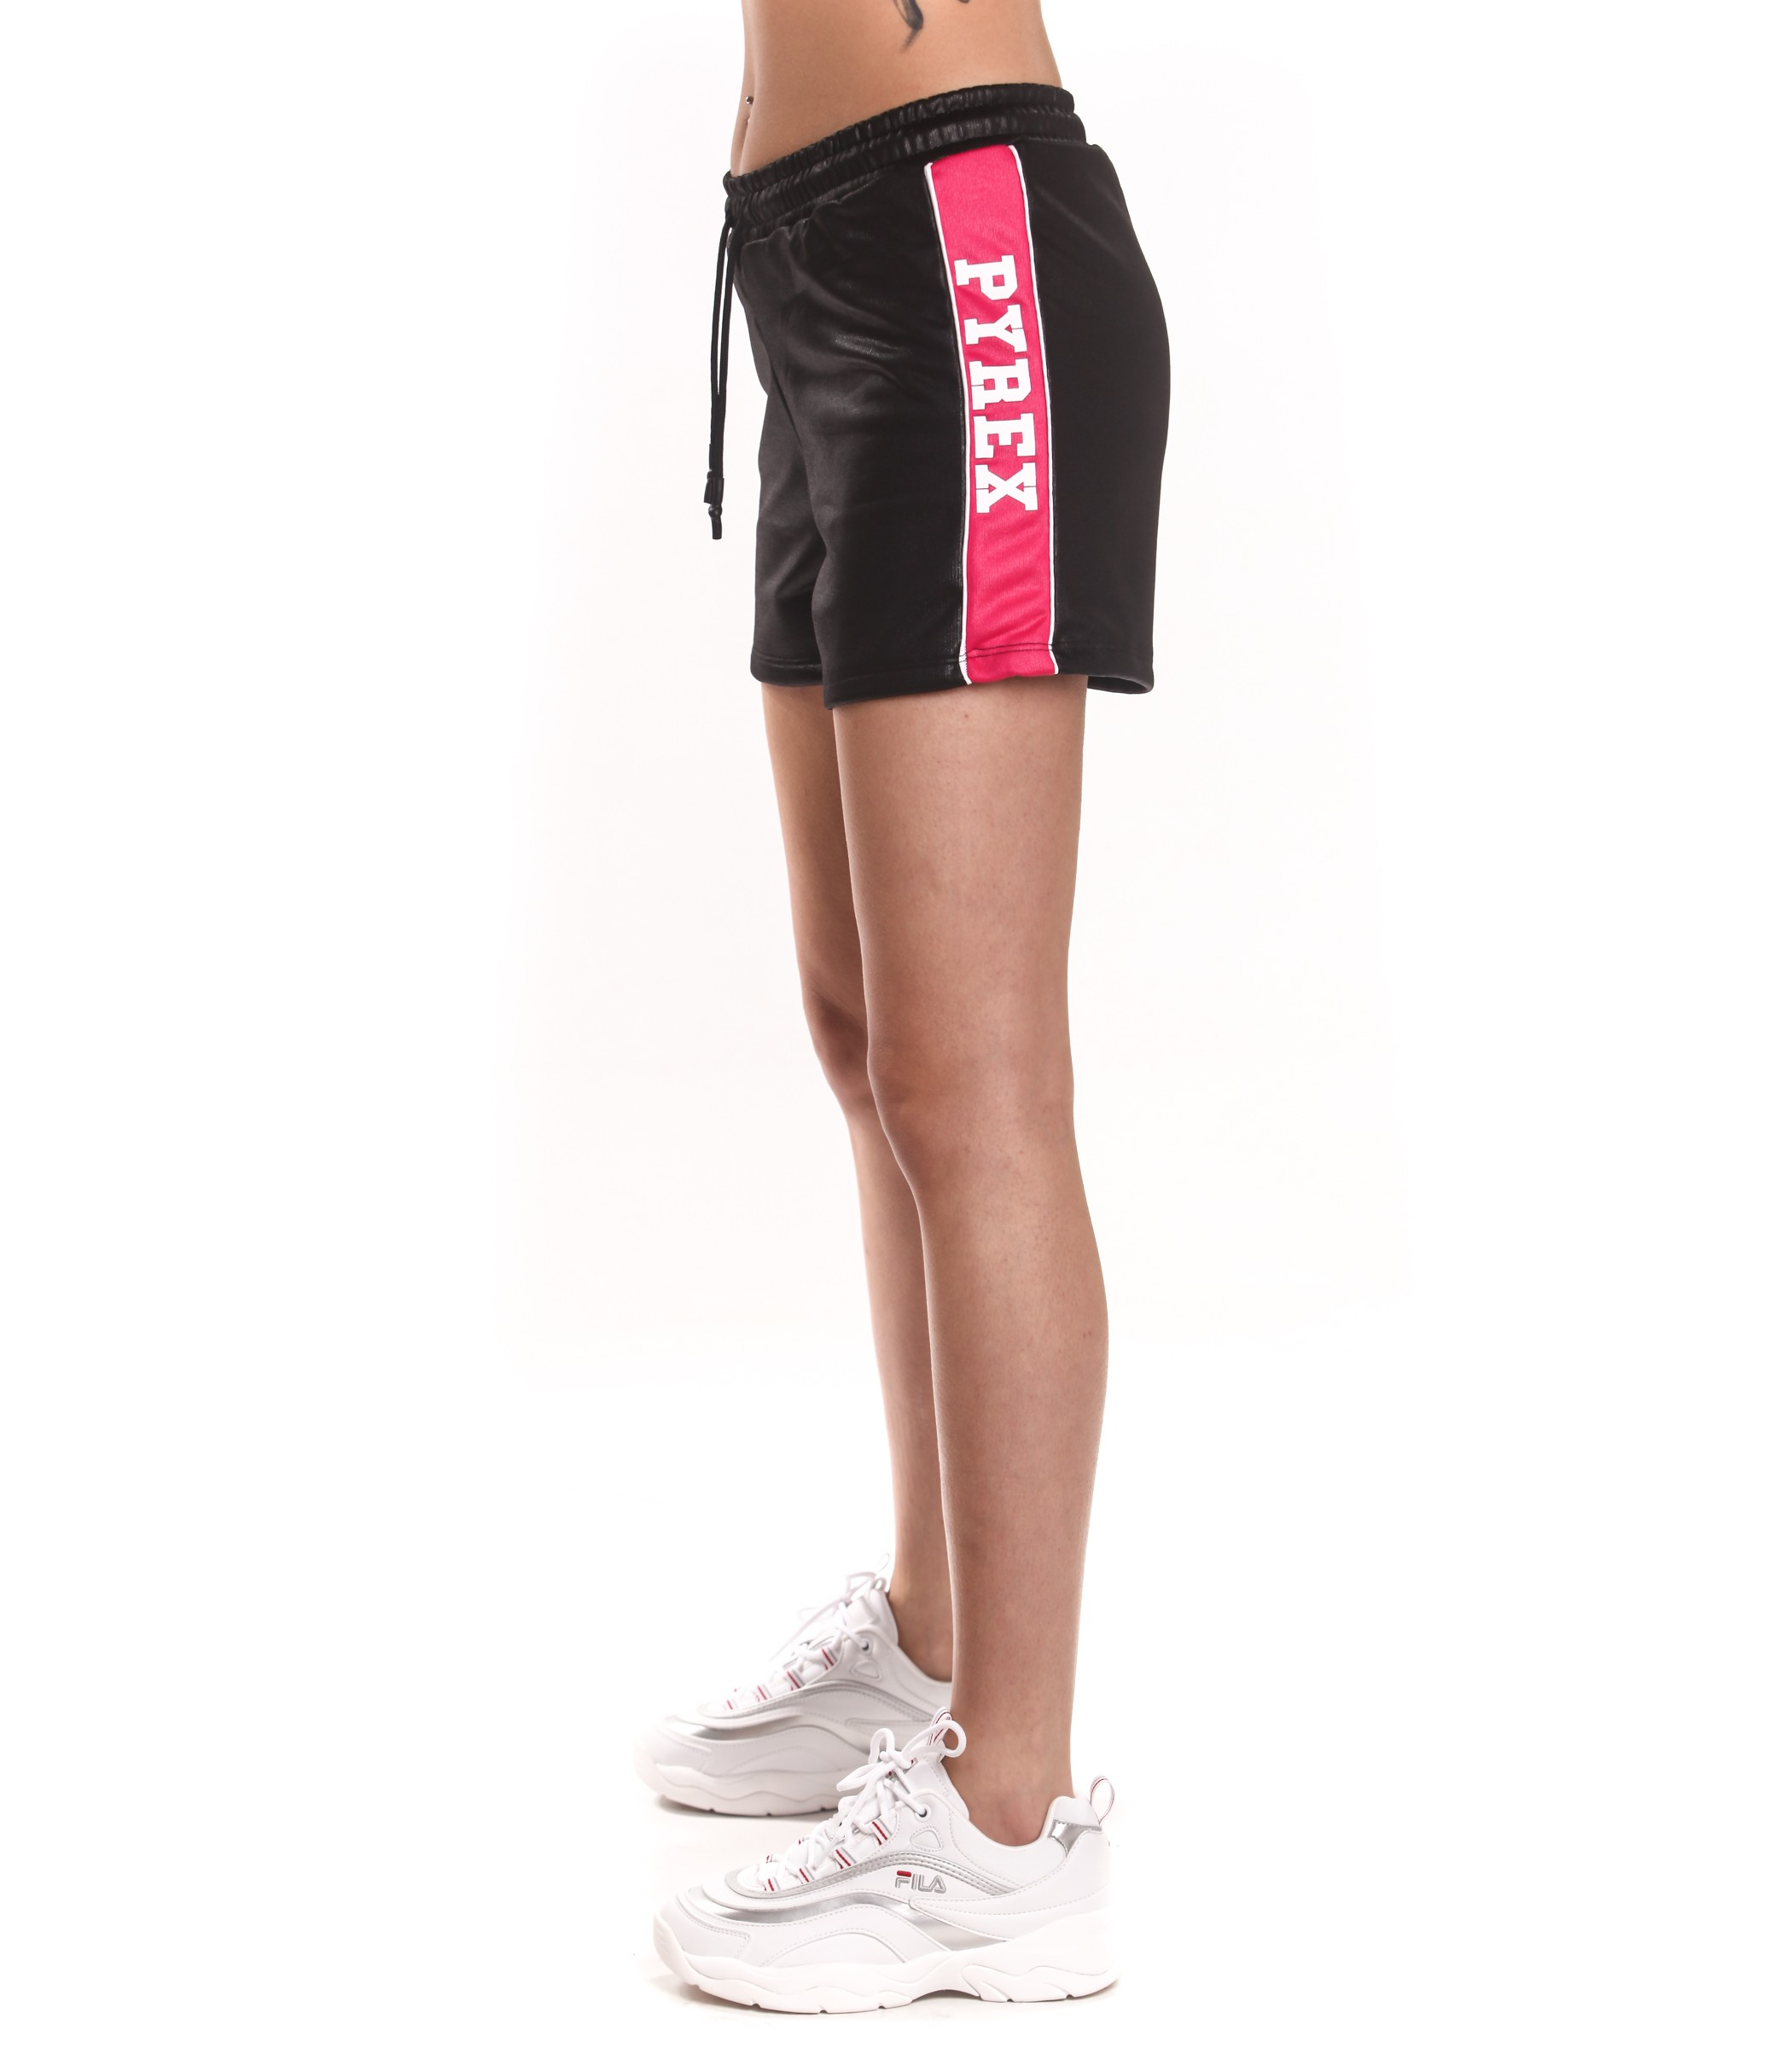 economico per lo sconto 9640a 3bc69 Shorts Pyrex con bande laterali con logo da donna nero ...